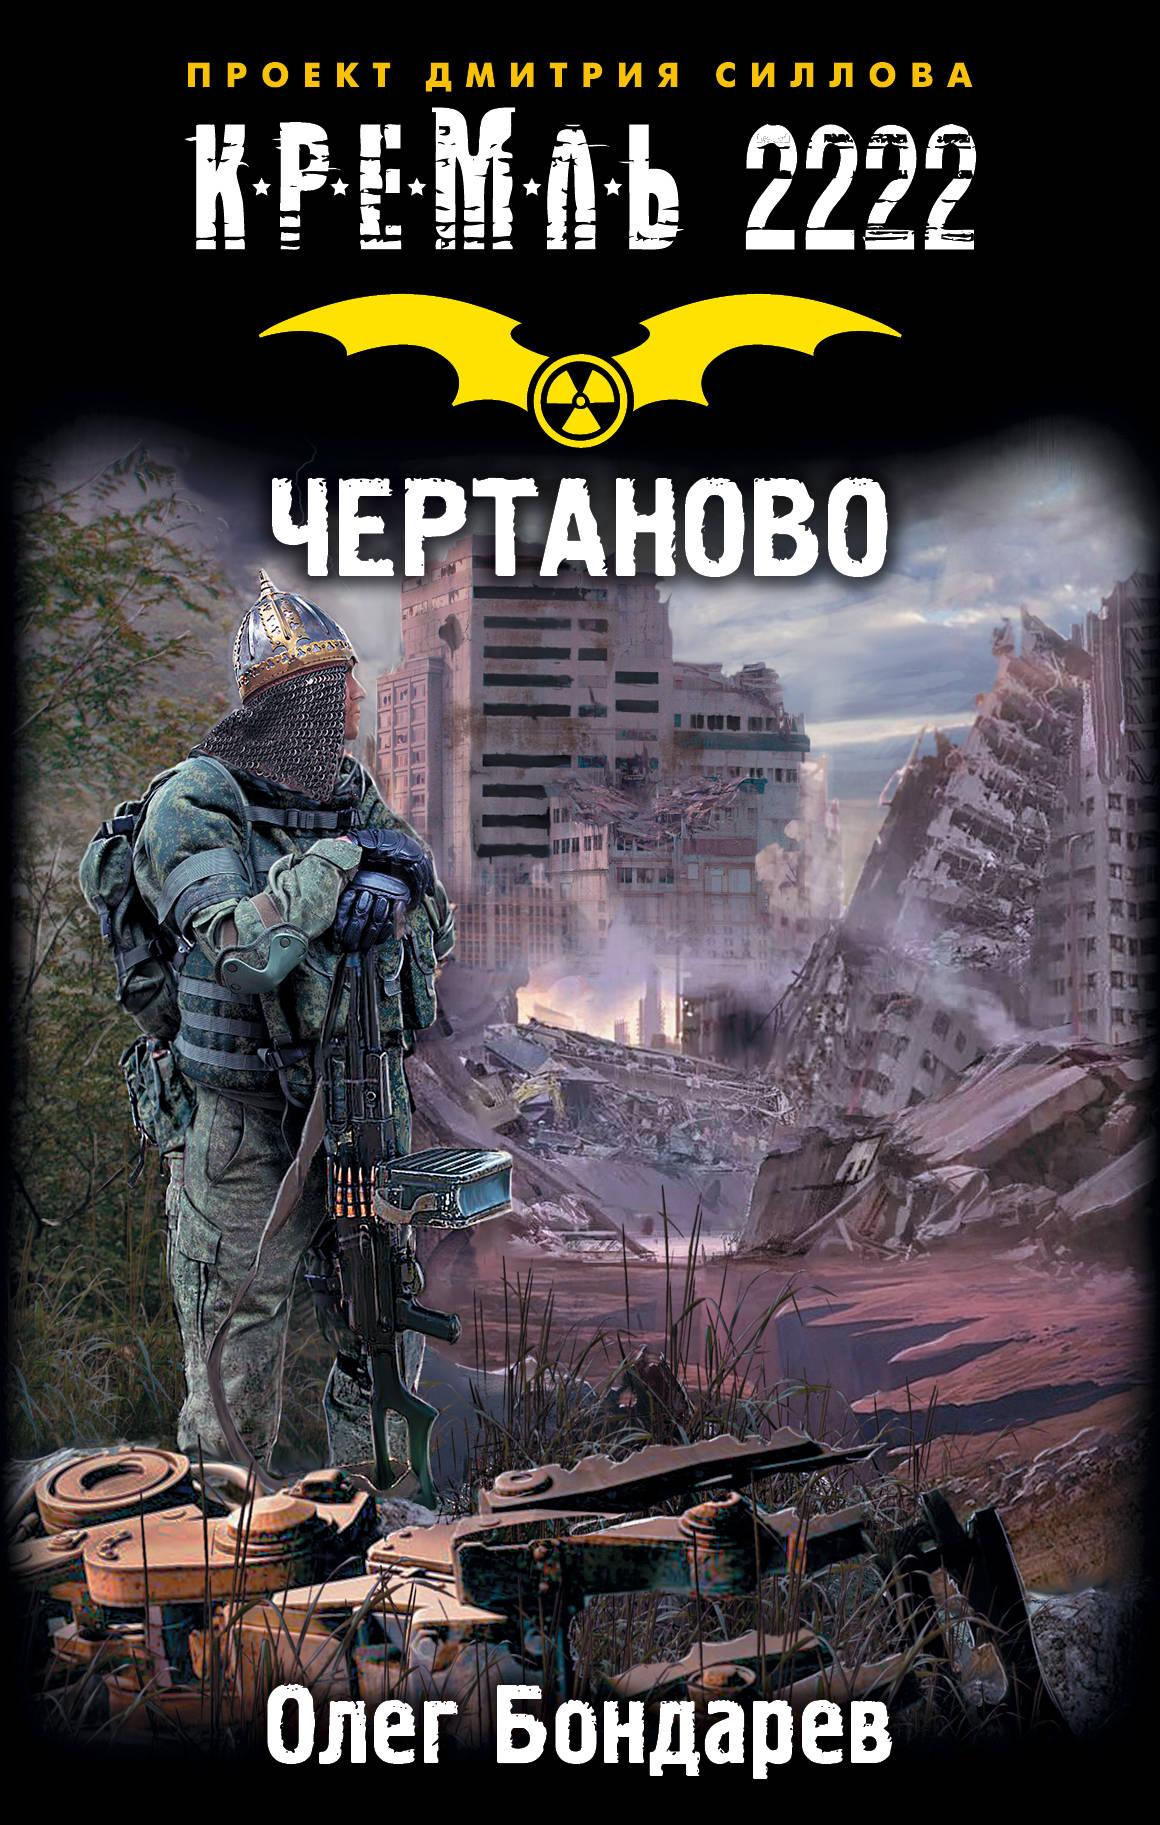 Олег Бондарев «Кремль 2222. Чертаново»